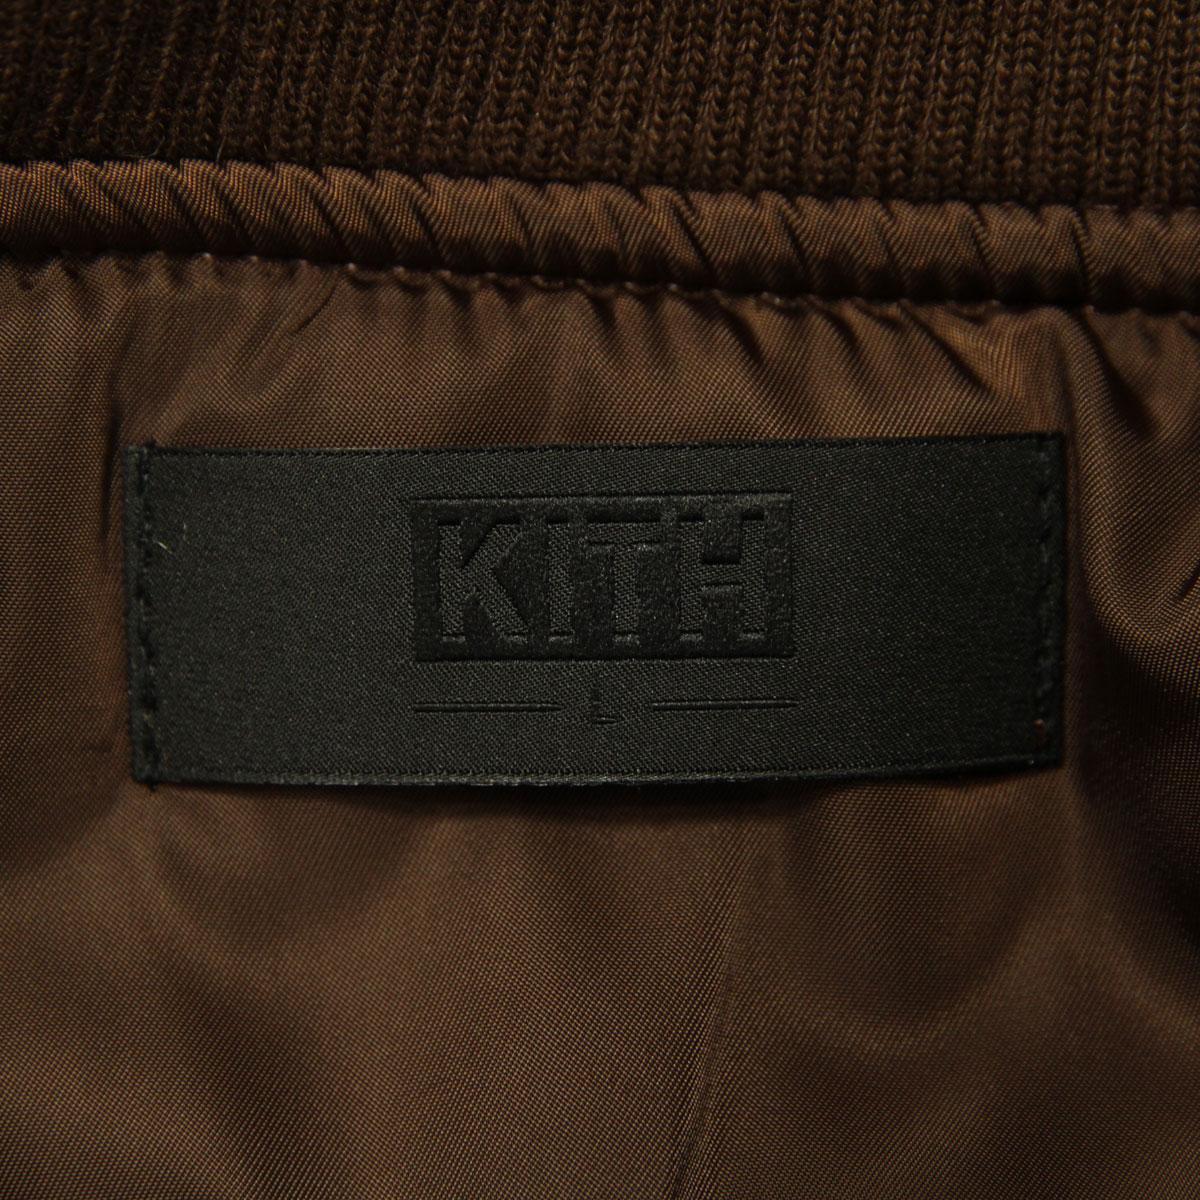 キス KITH 正規品 メンズ MA-1  KITH CLASSICS ASTOR BOMBER SAND KH1046-104